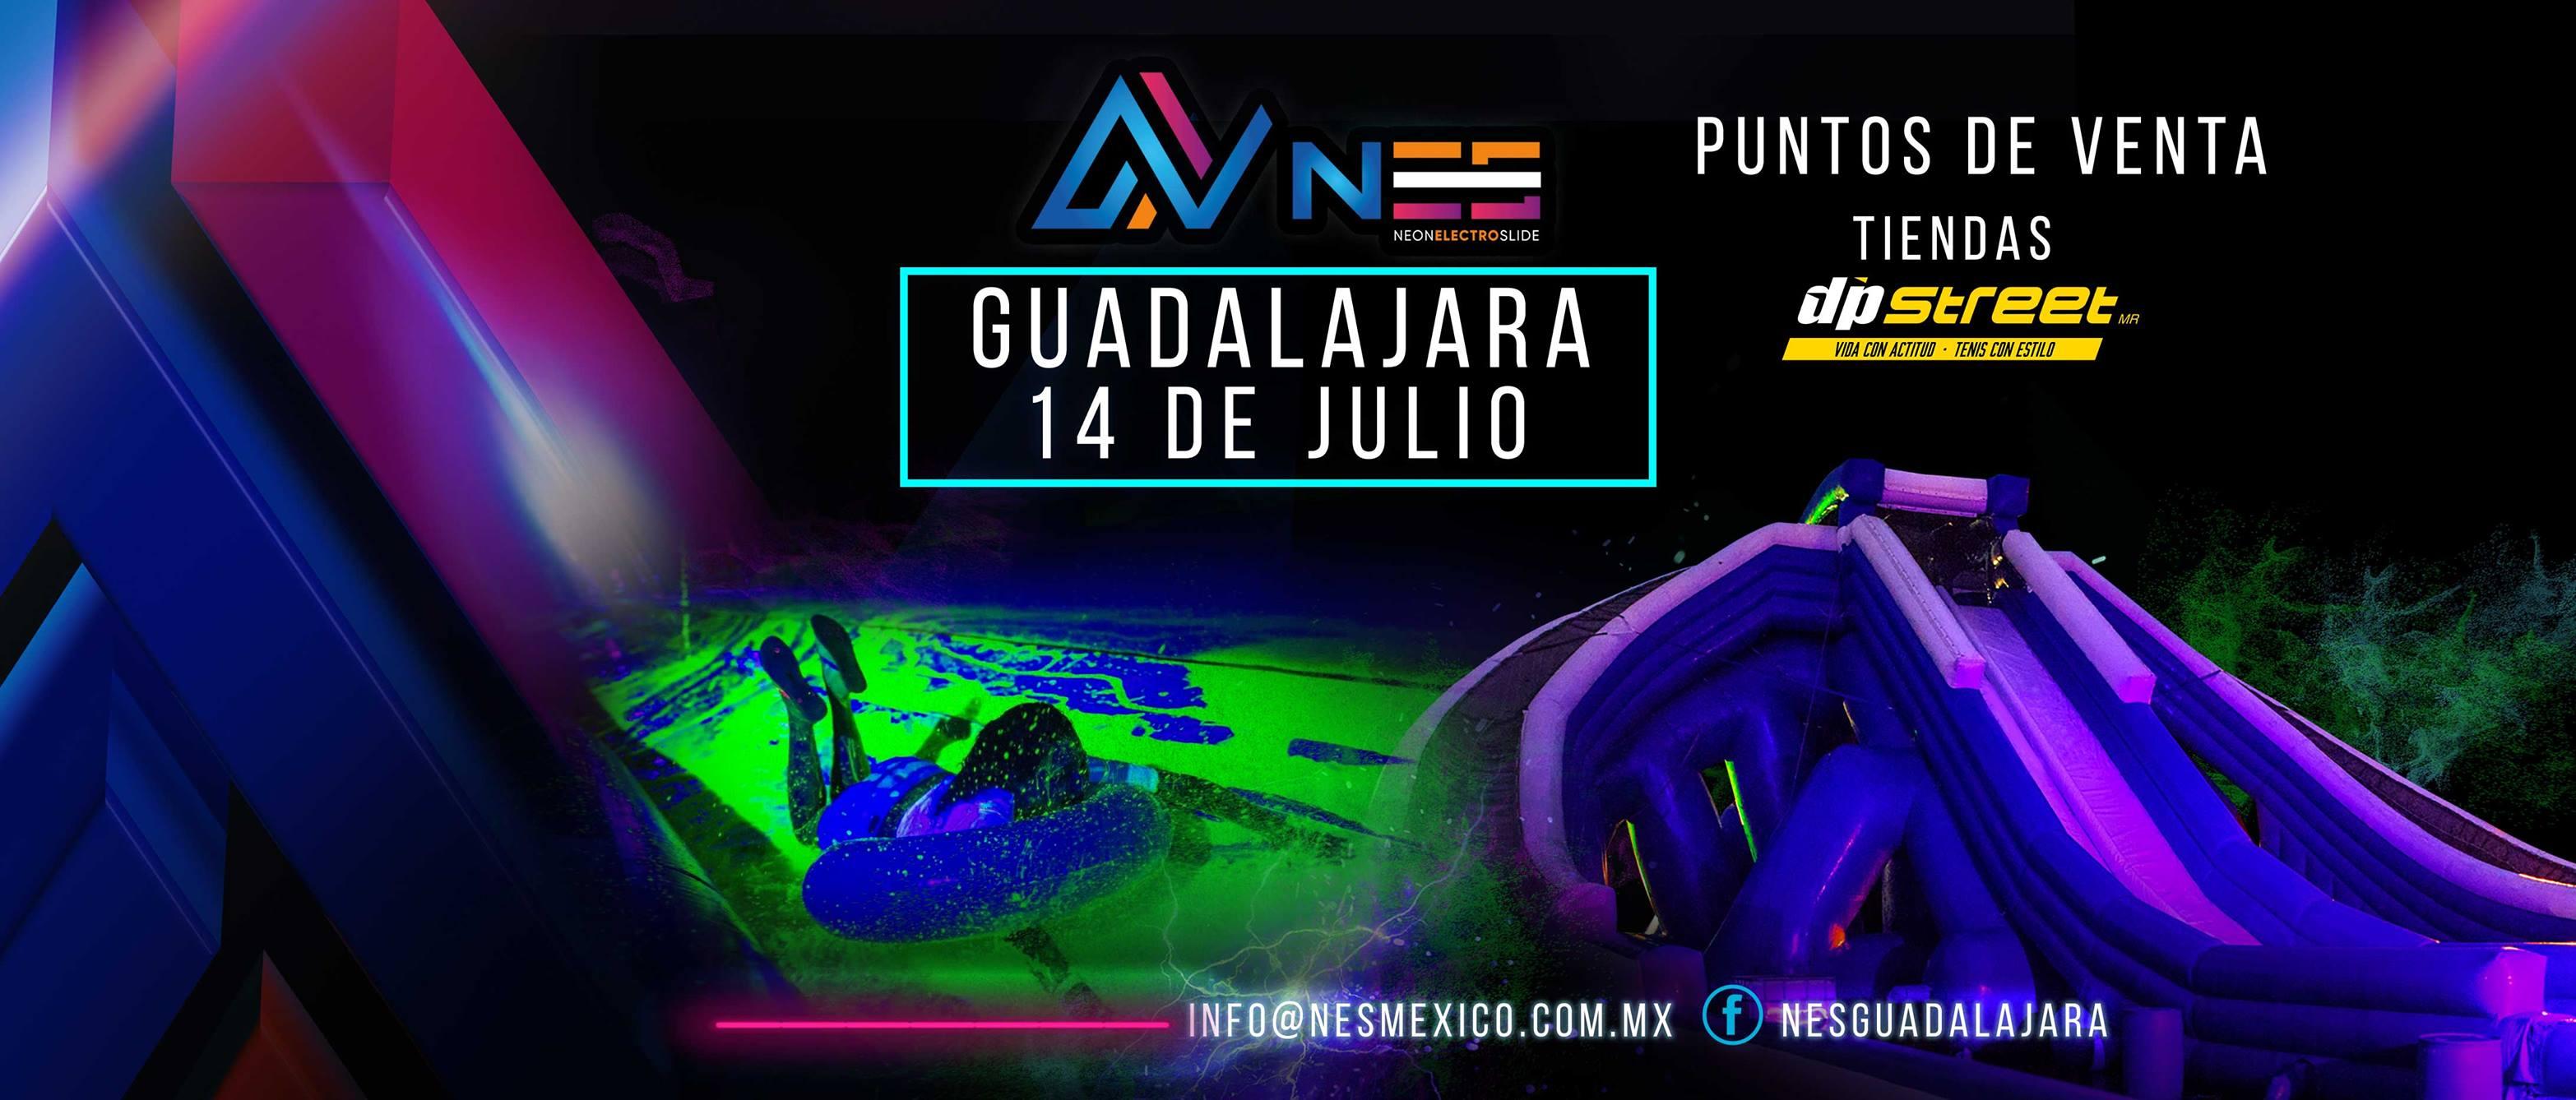 Llega a Guadalajara NES. La mejor experiencia con pintura glow, luz ultravioleta y música electrónica.